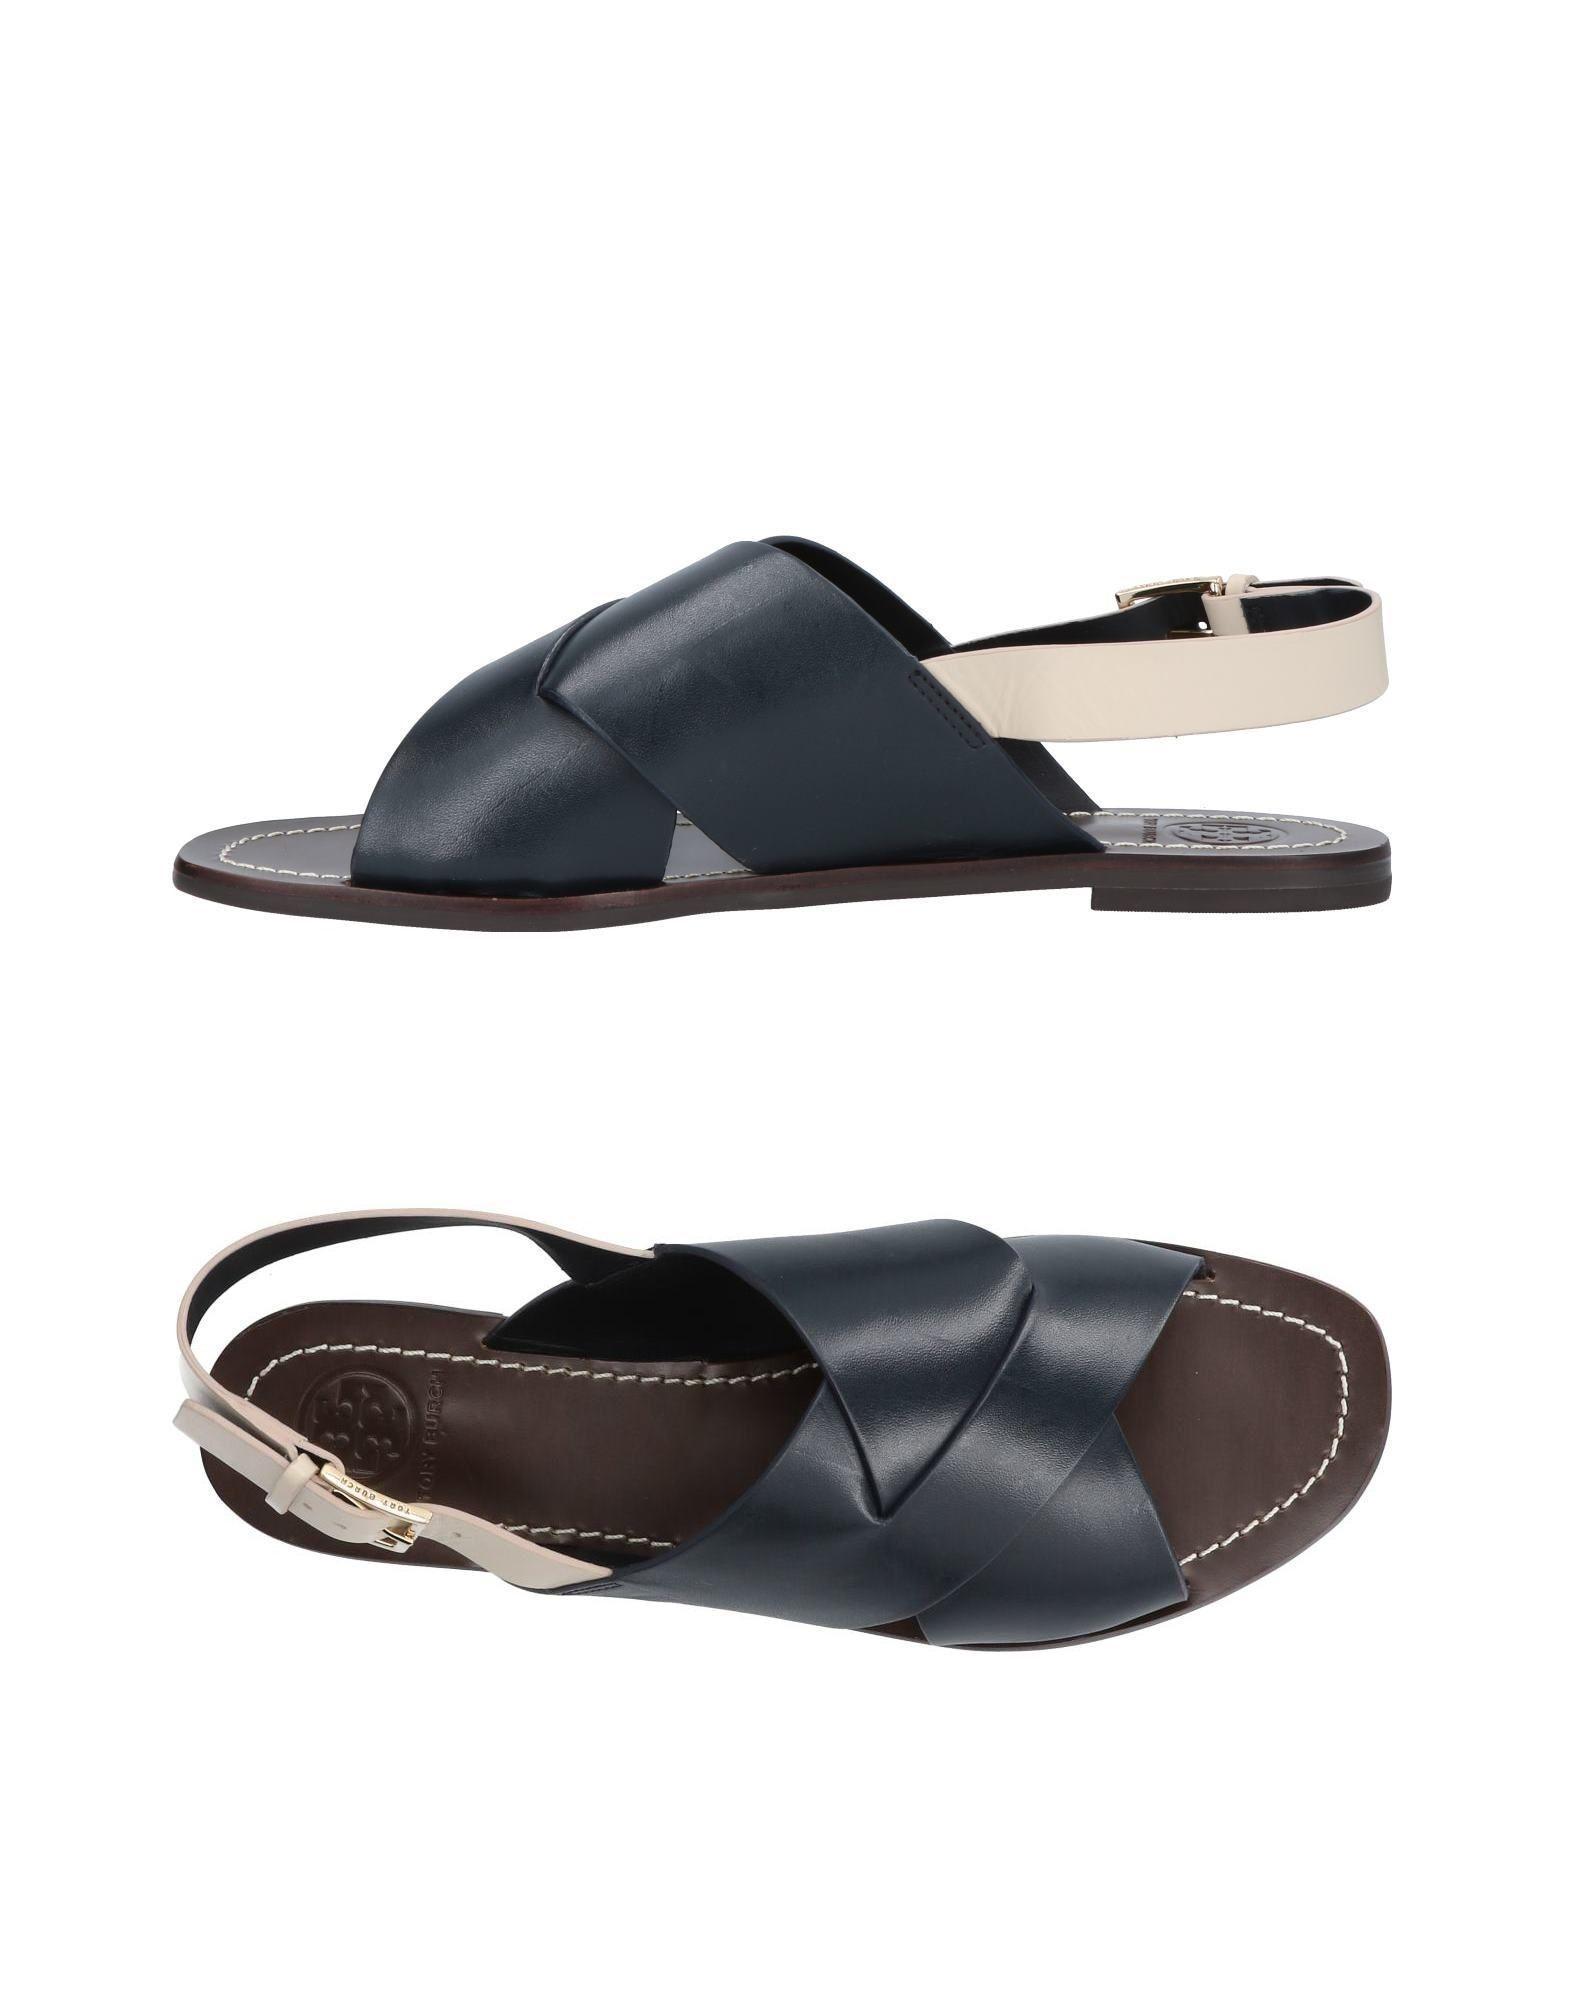 Tory Burch Sandals In Dark Blue